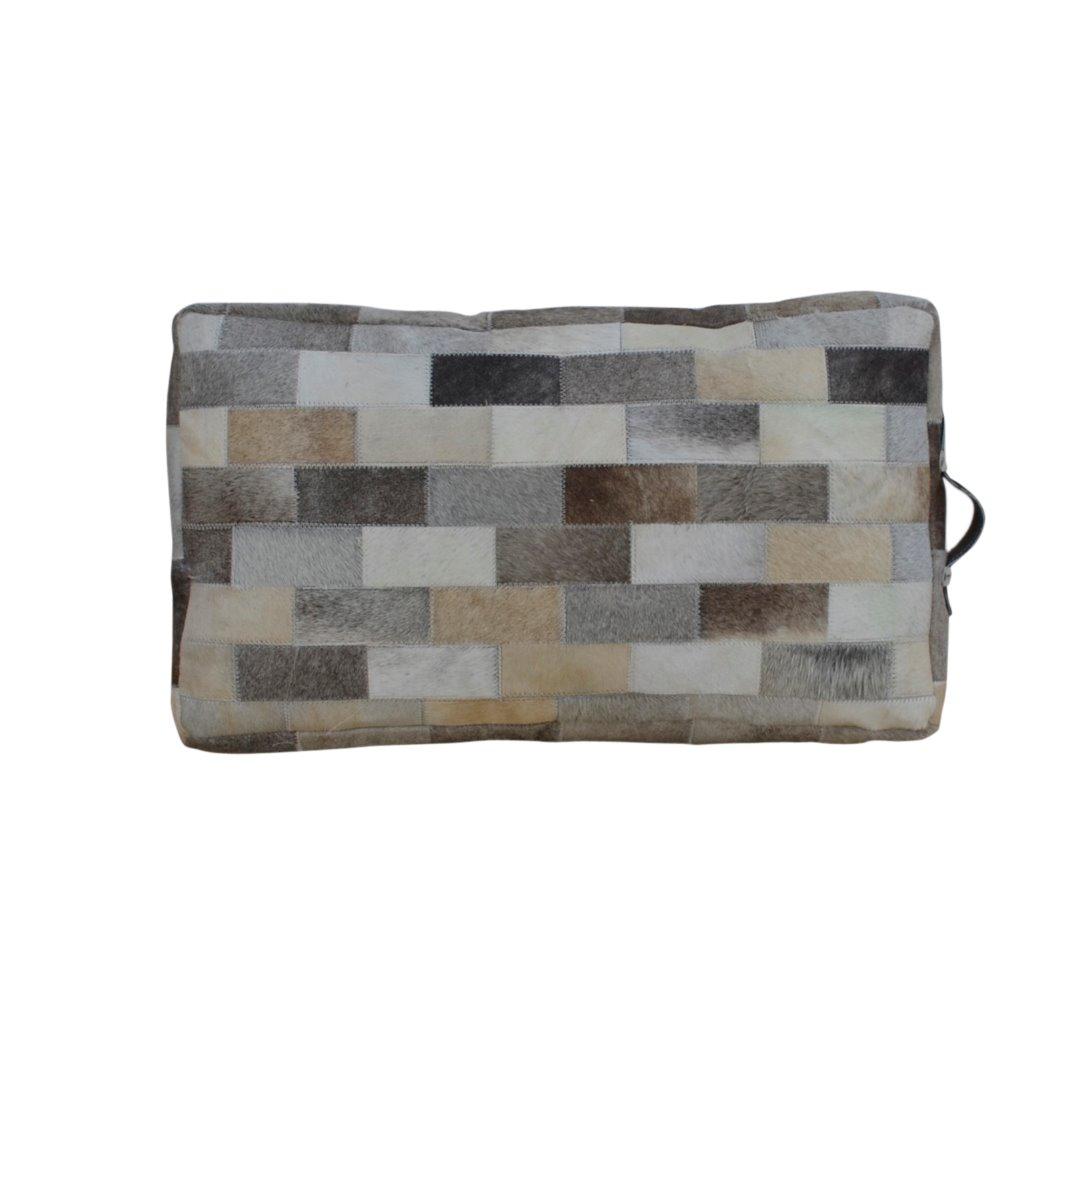 Stoel - Poefs - Floor pouf tile pattern